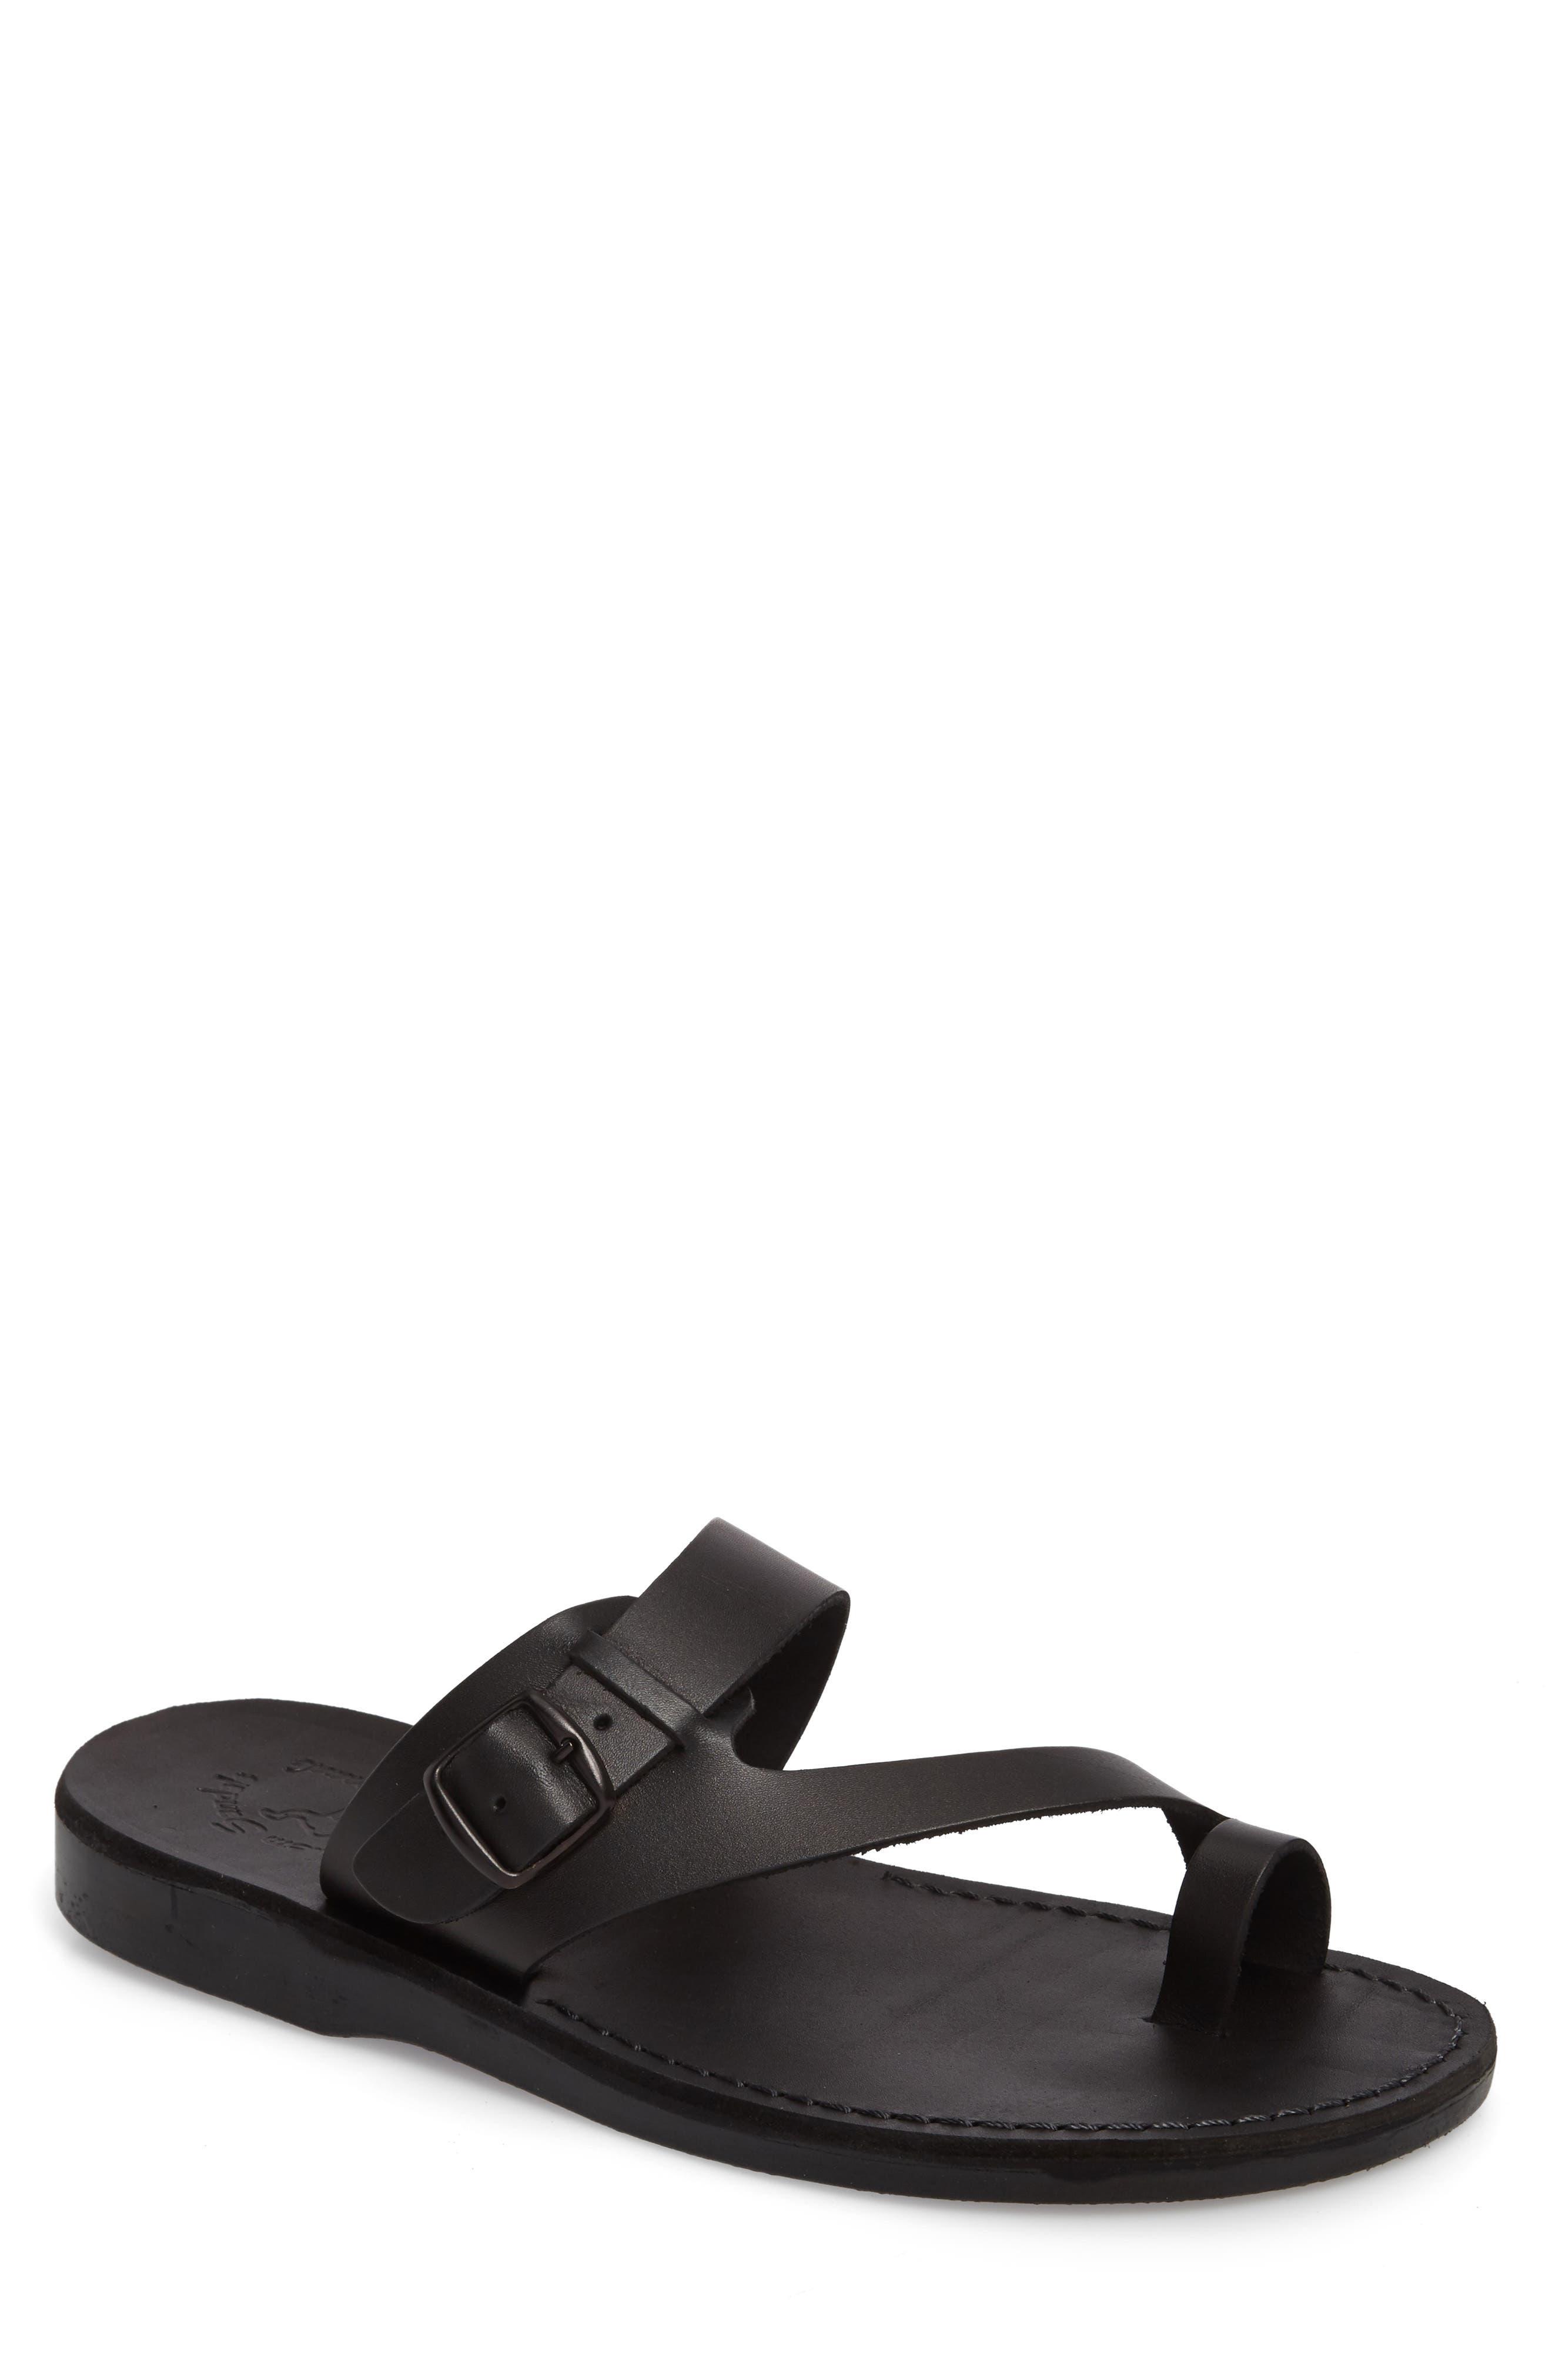 JERUSALEM SANDALS Abner Toe Loop Sandal, Main, color, BLACK LEATHER